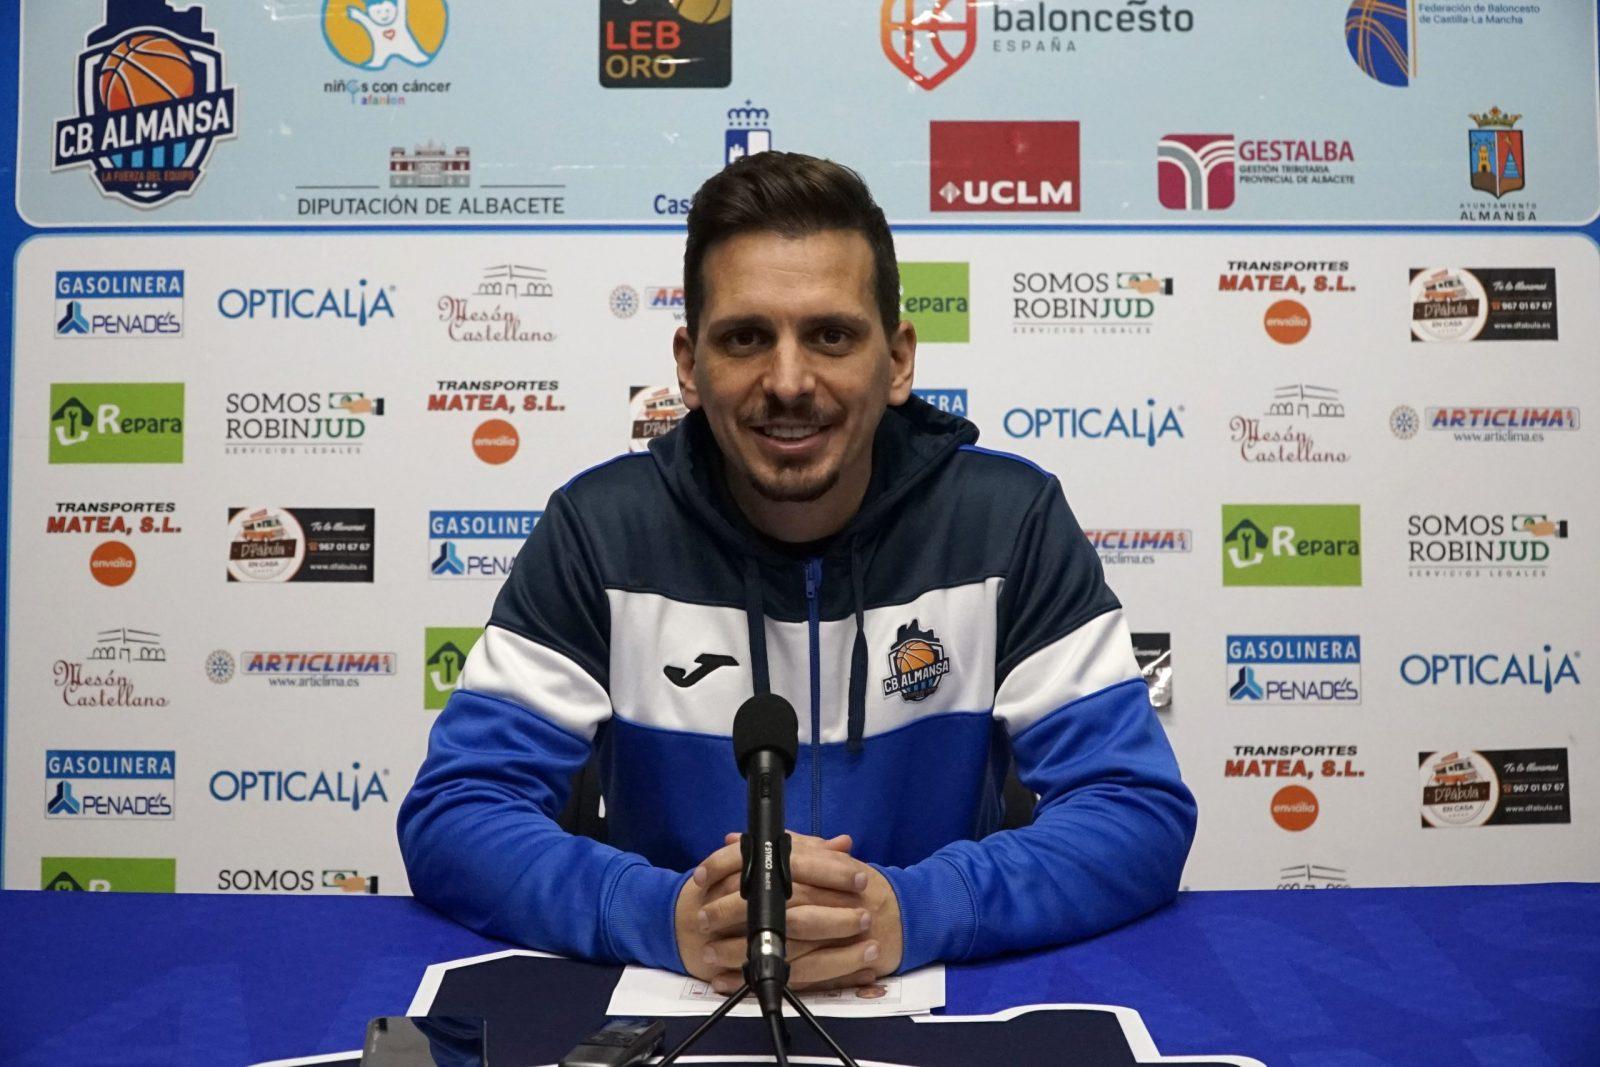 Rueda de prensa previa de Rubén Perelló. Levitec Huesca CB Almansa con AFANION